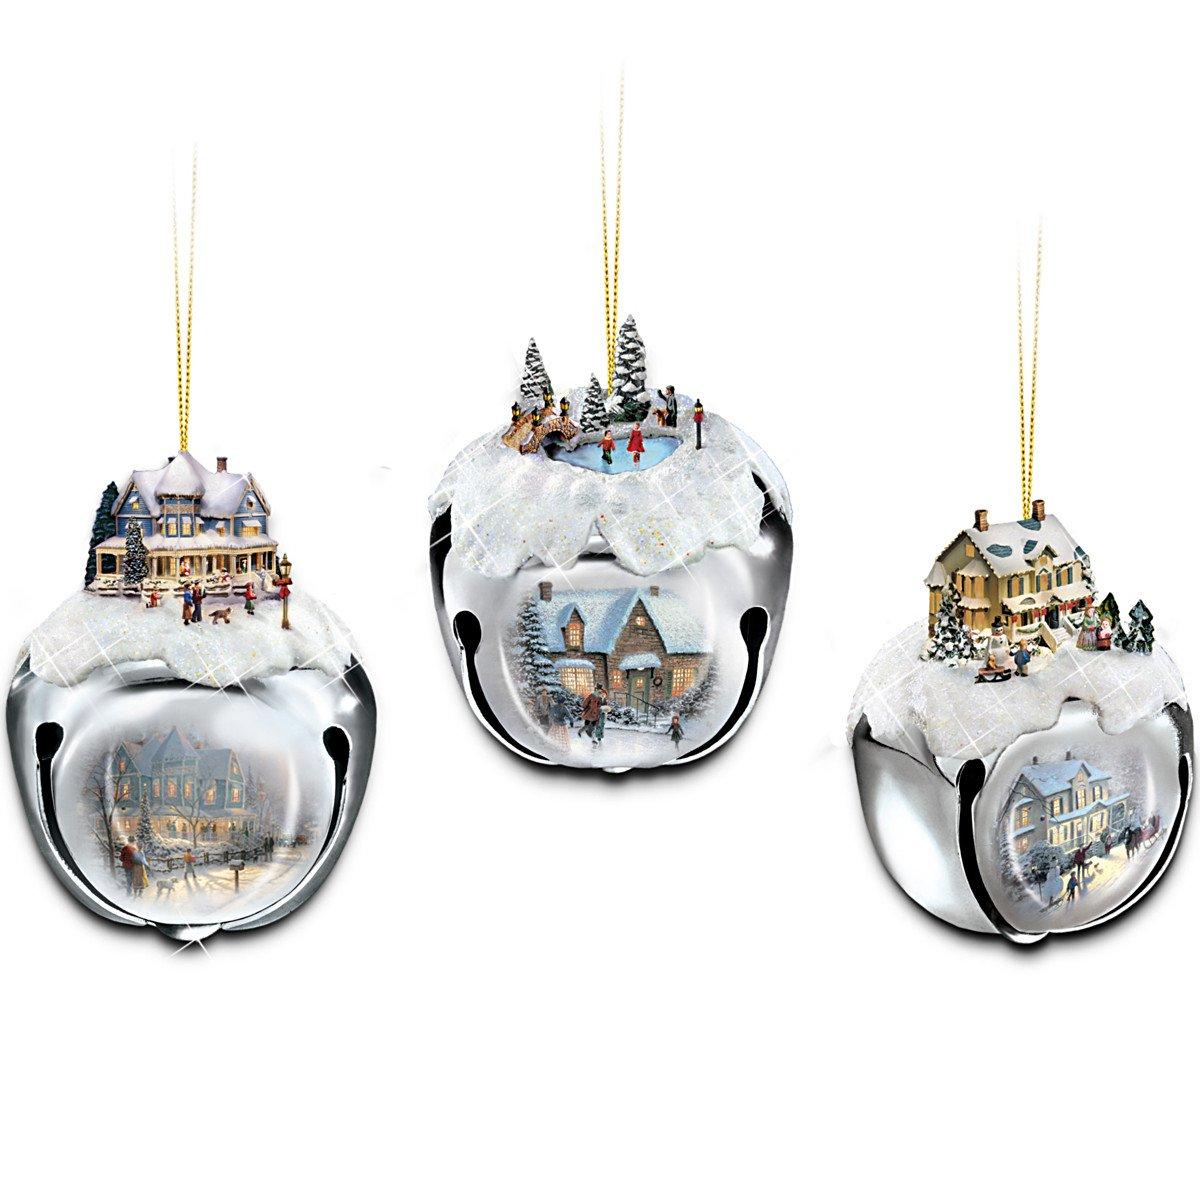 Thomas Kinkade Christmas Tree Ornaments Comfy Christmas